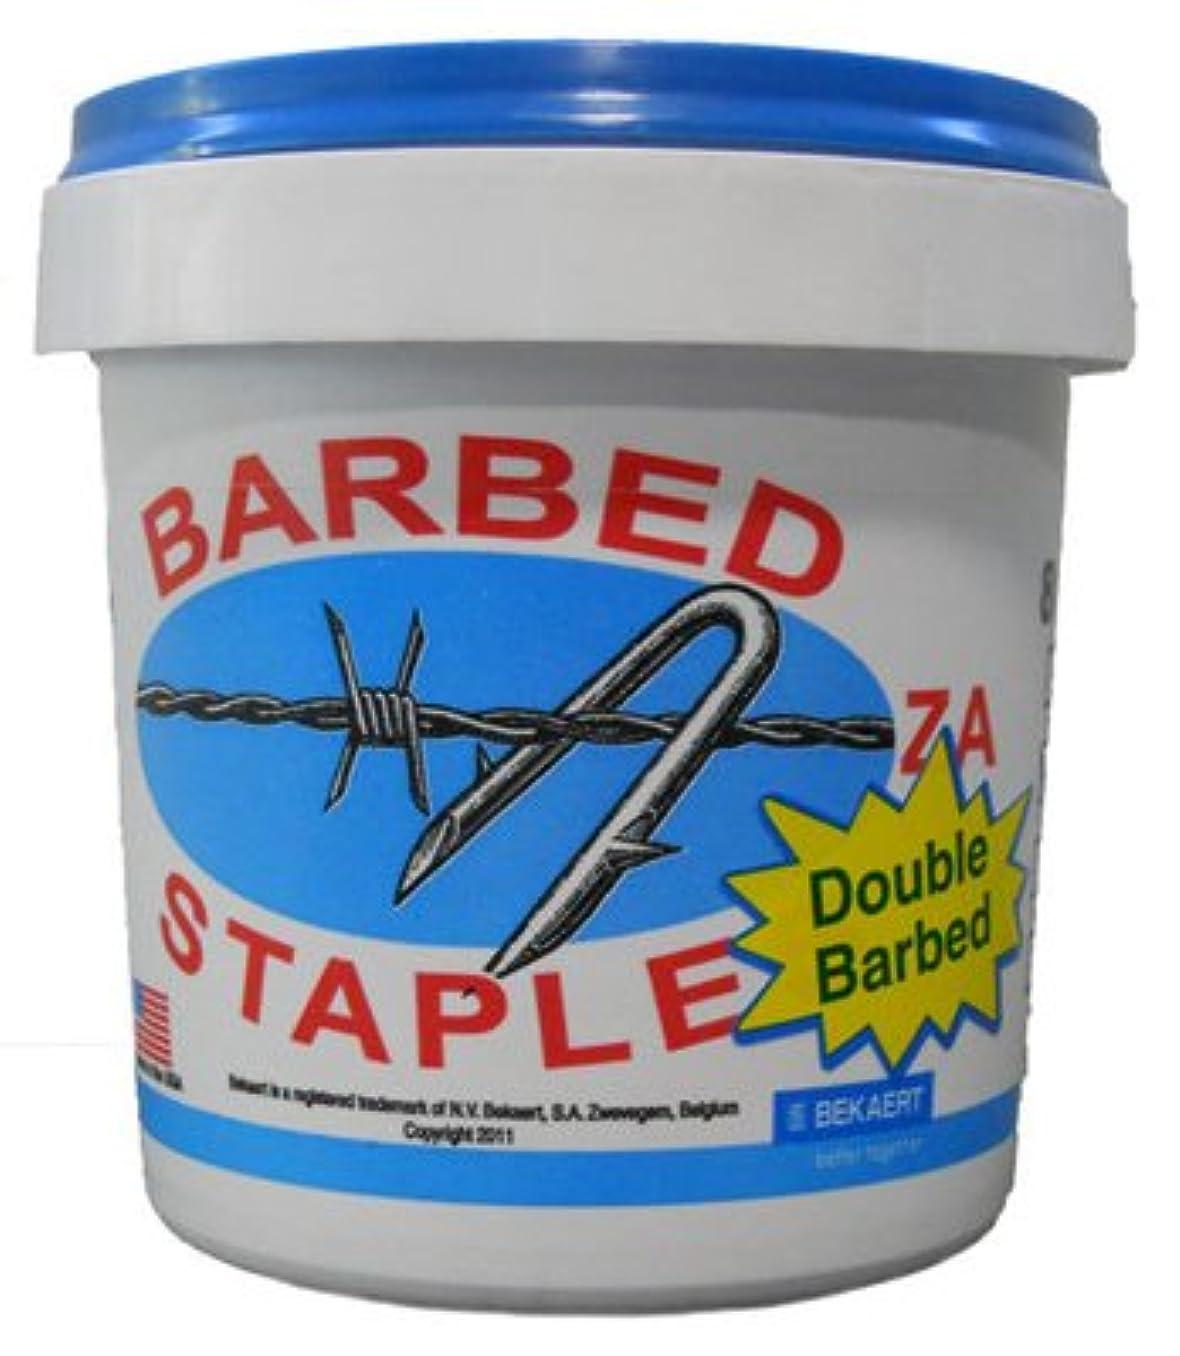 Beckett Corporation BEKAERT 187244 Fence Staples, 8 lb/1.75